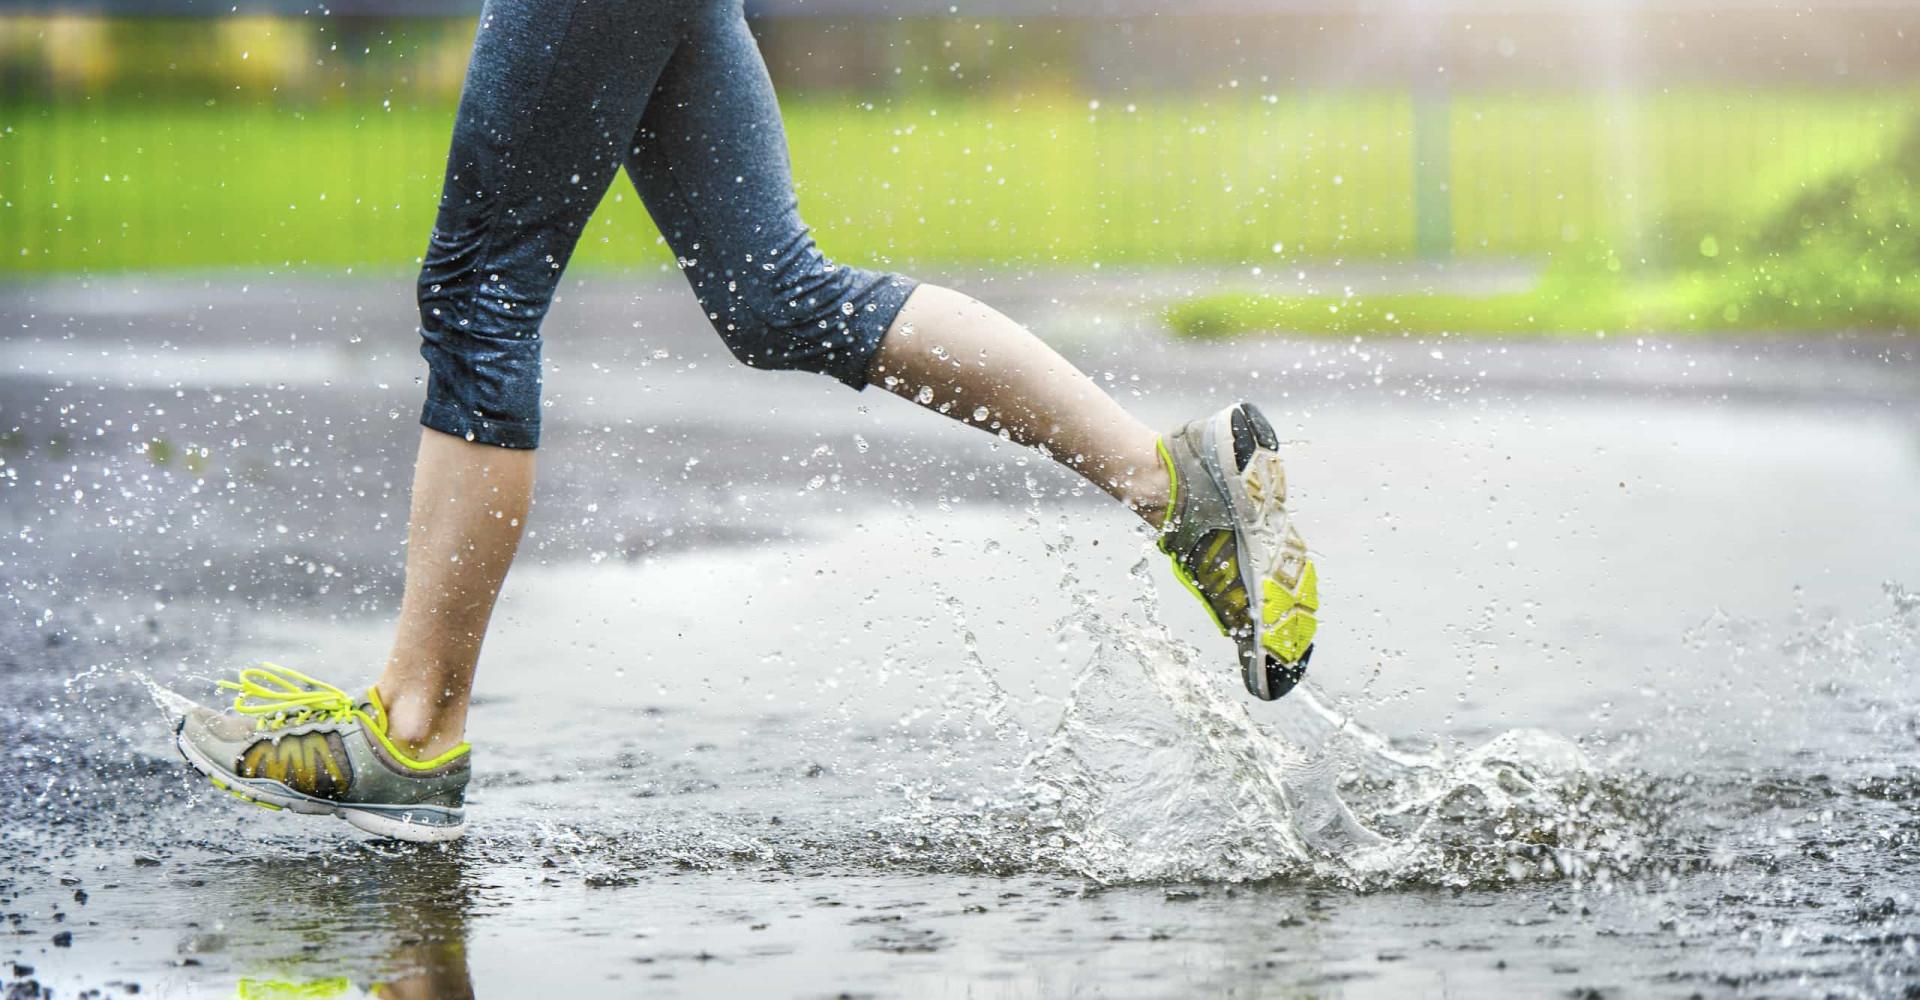 De voordelen van sporten in de regen